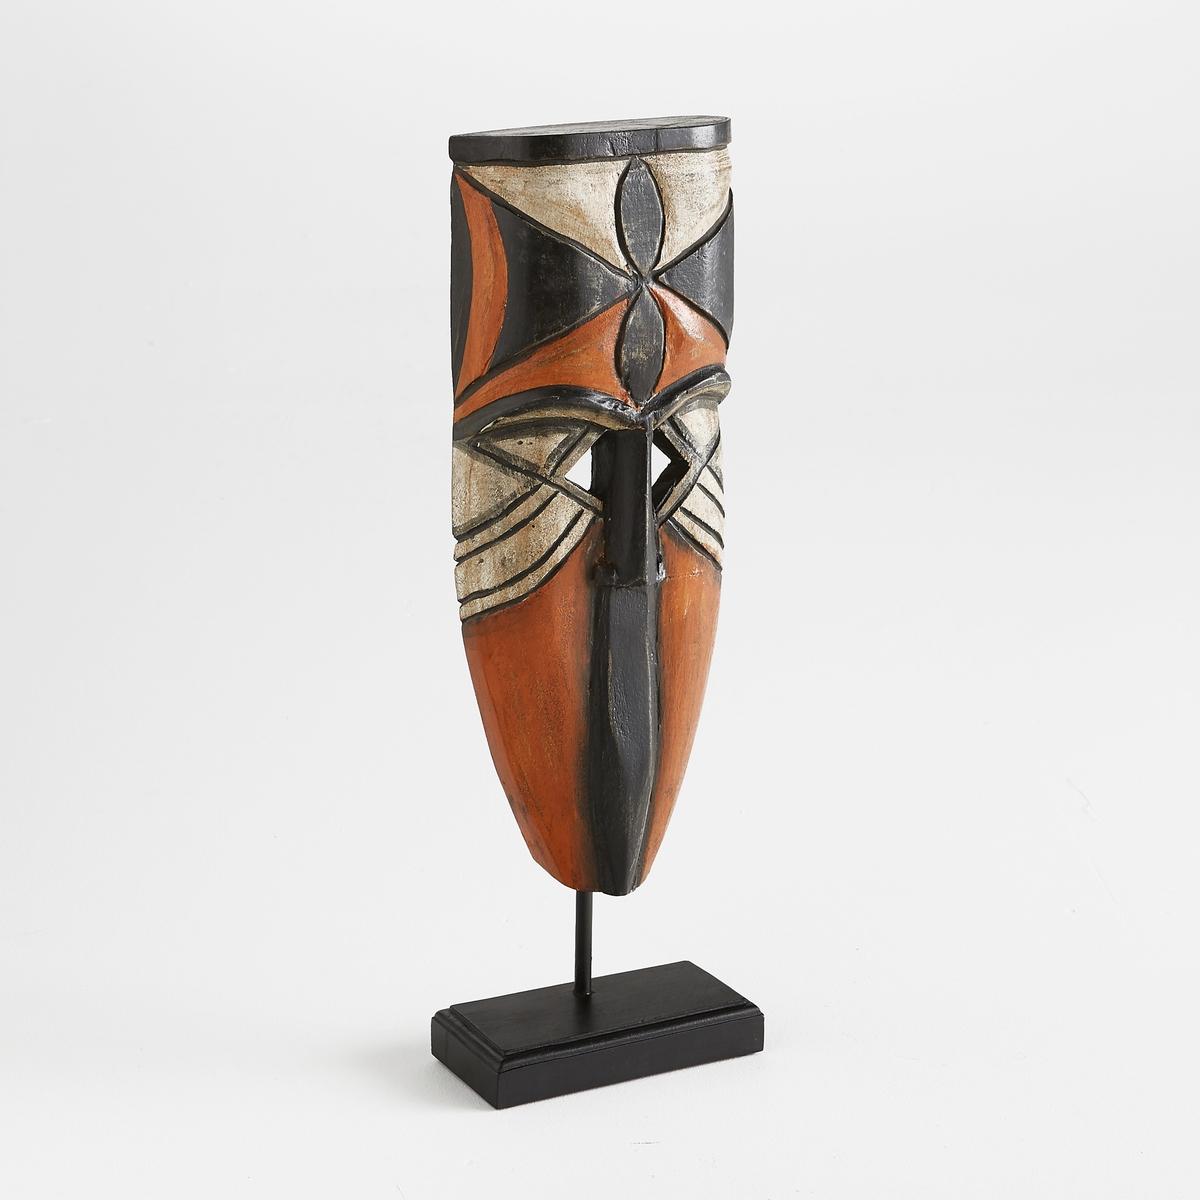 Маска африканская, AsiagoАфриканская маска Asiago. Оригинальная маска добавит нотку экзотики в ваш интерьер. Из массива дерева манго с состаренным эффектом. Ручная работа. Размеры  : Д20 x В62 x Г10 см<br><br>Цвет: экрю/оранж./черный<br>Размер: единый размер